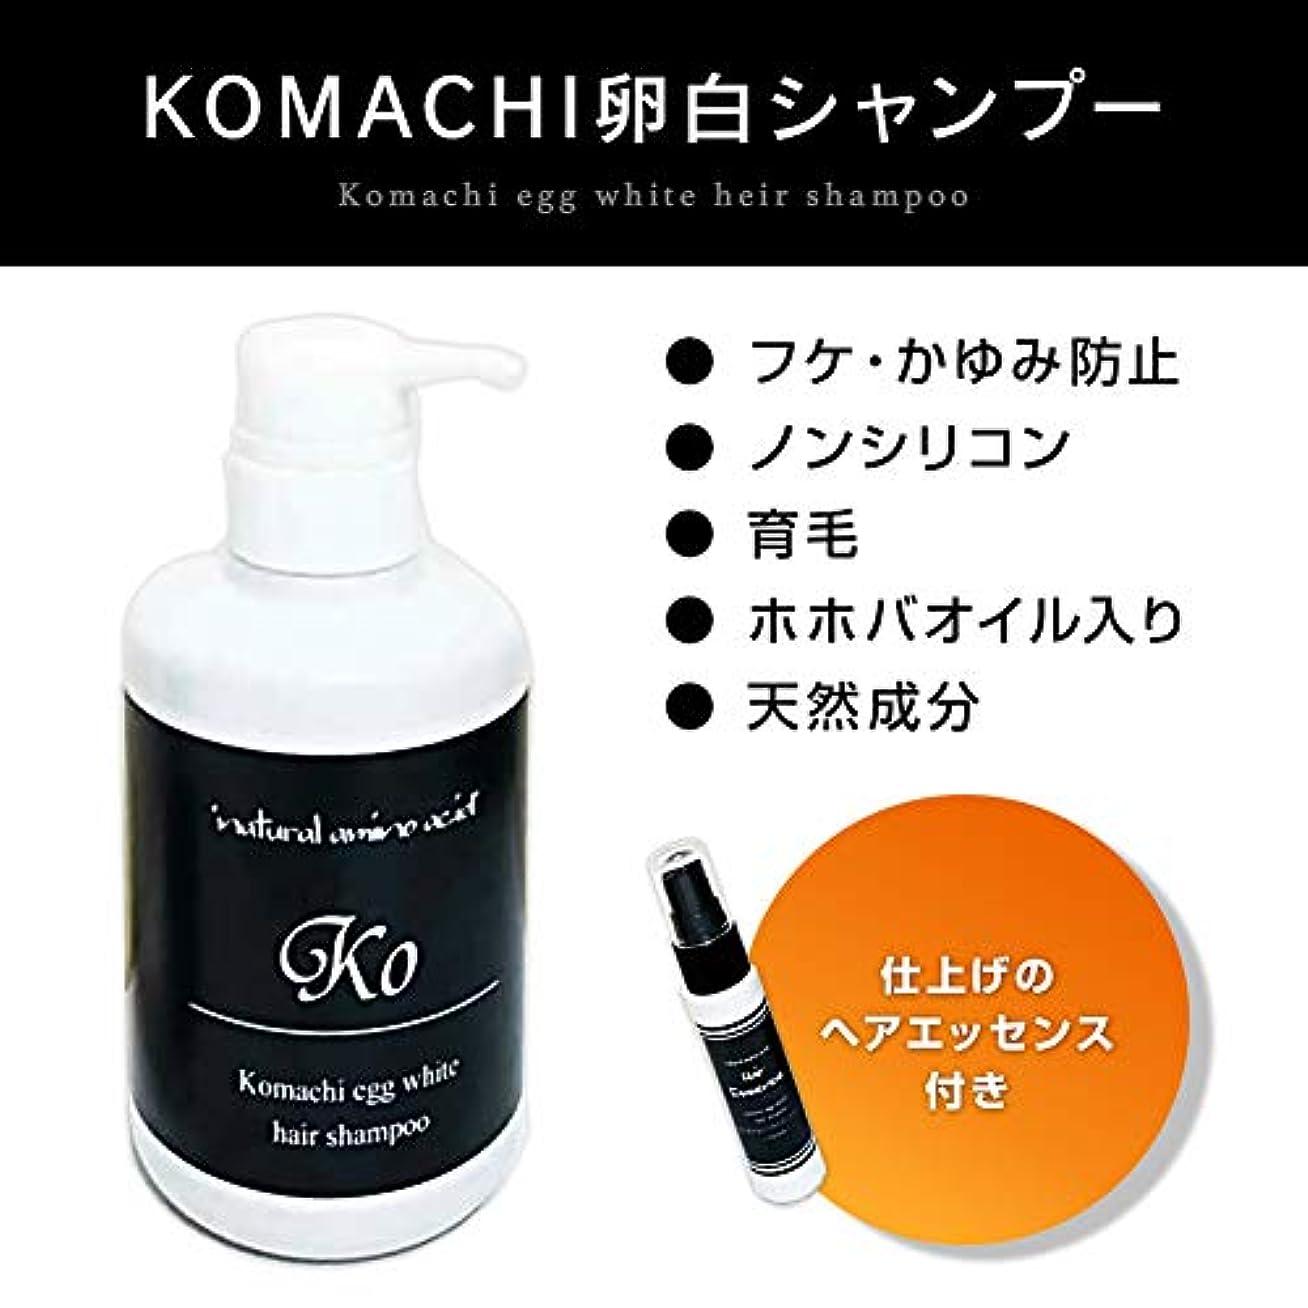 階段租界鳴らすKOMACHI シャンプー メンズ 無添加 人気 オーガニック ノンシリコン 日本製 ホホバオイル入り ヘアエッセンス付きシャンプー セット